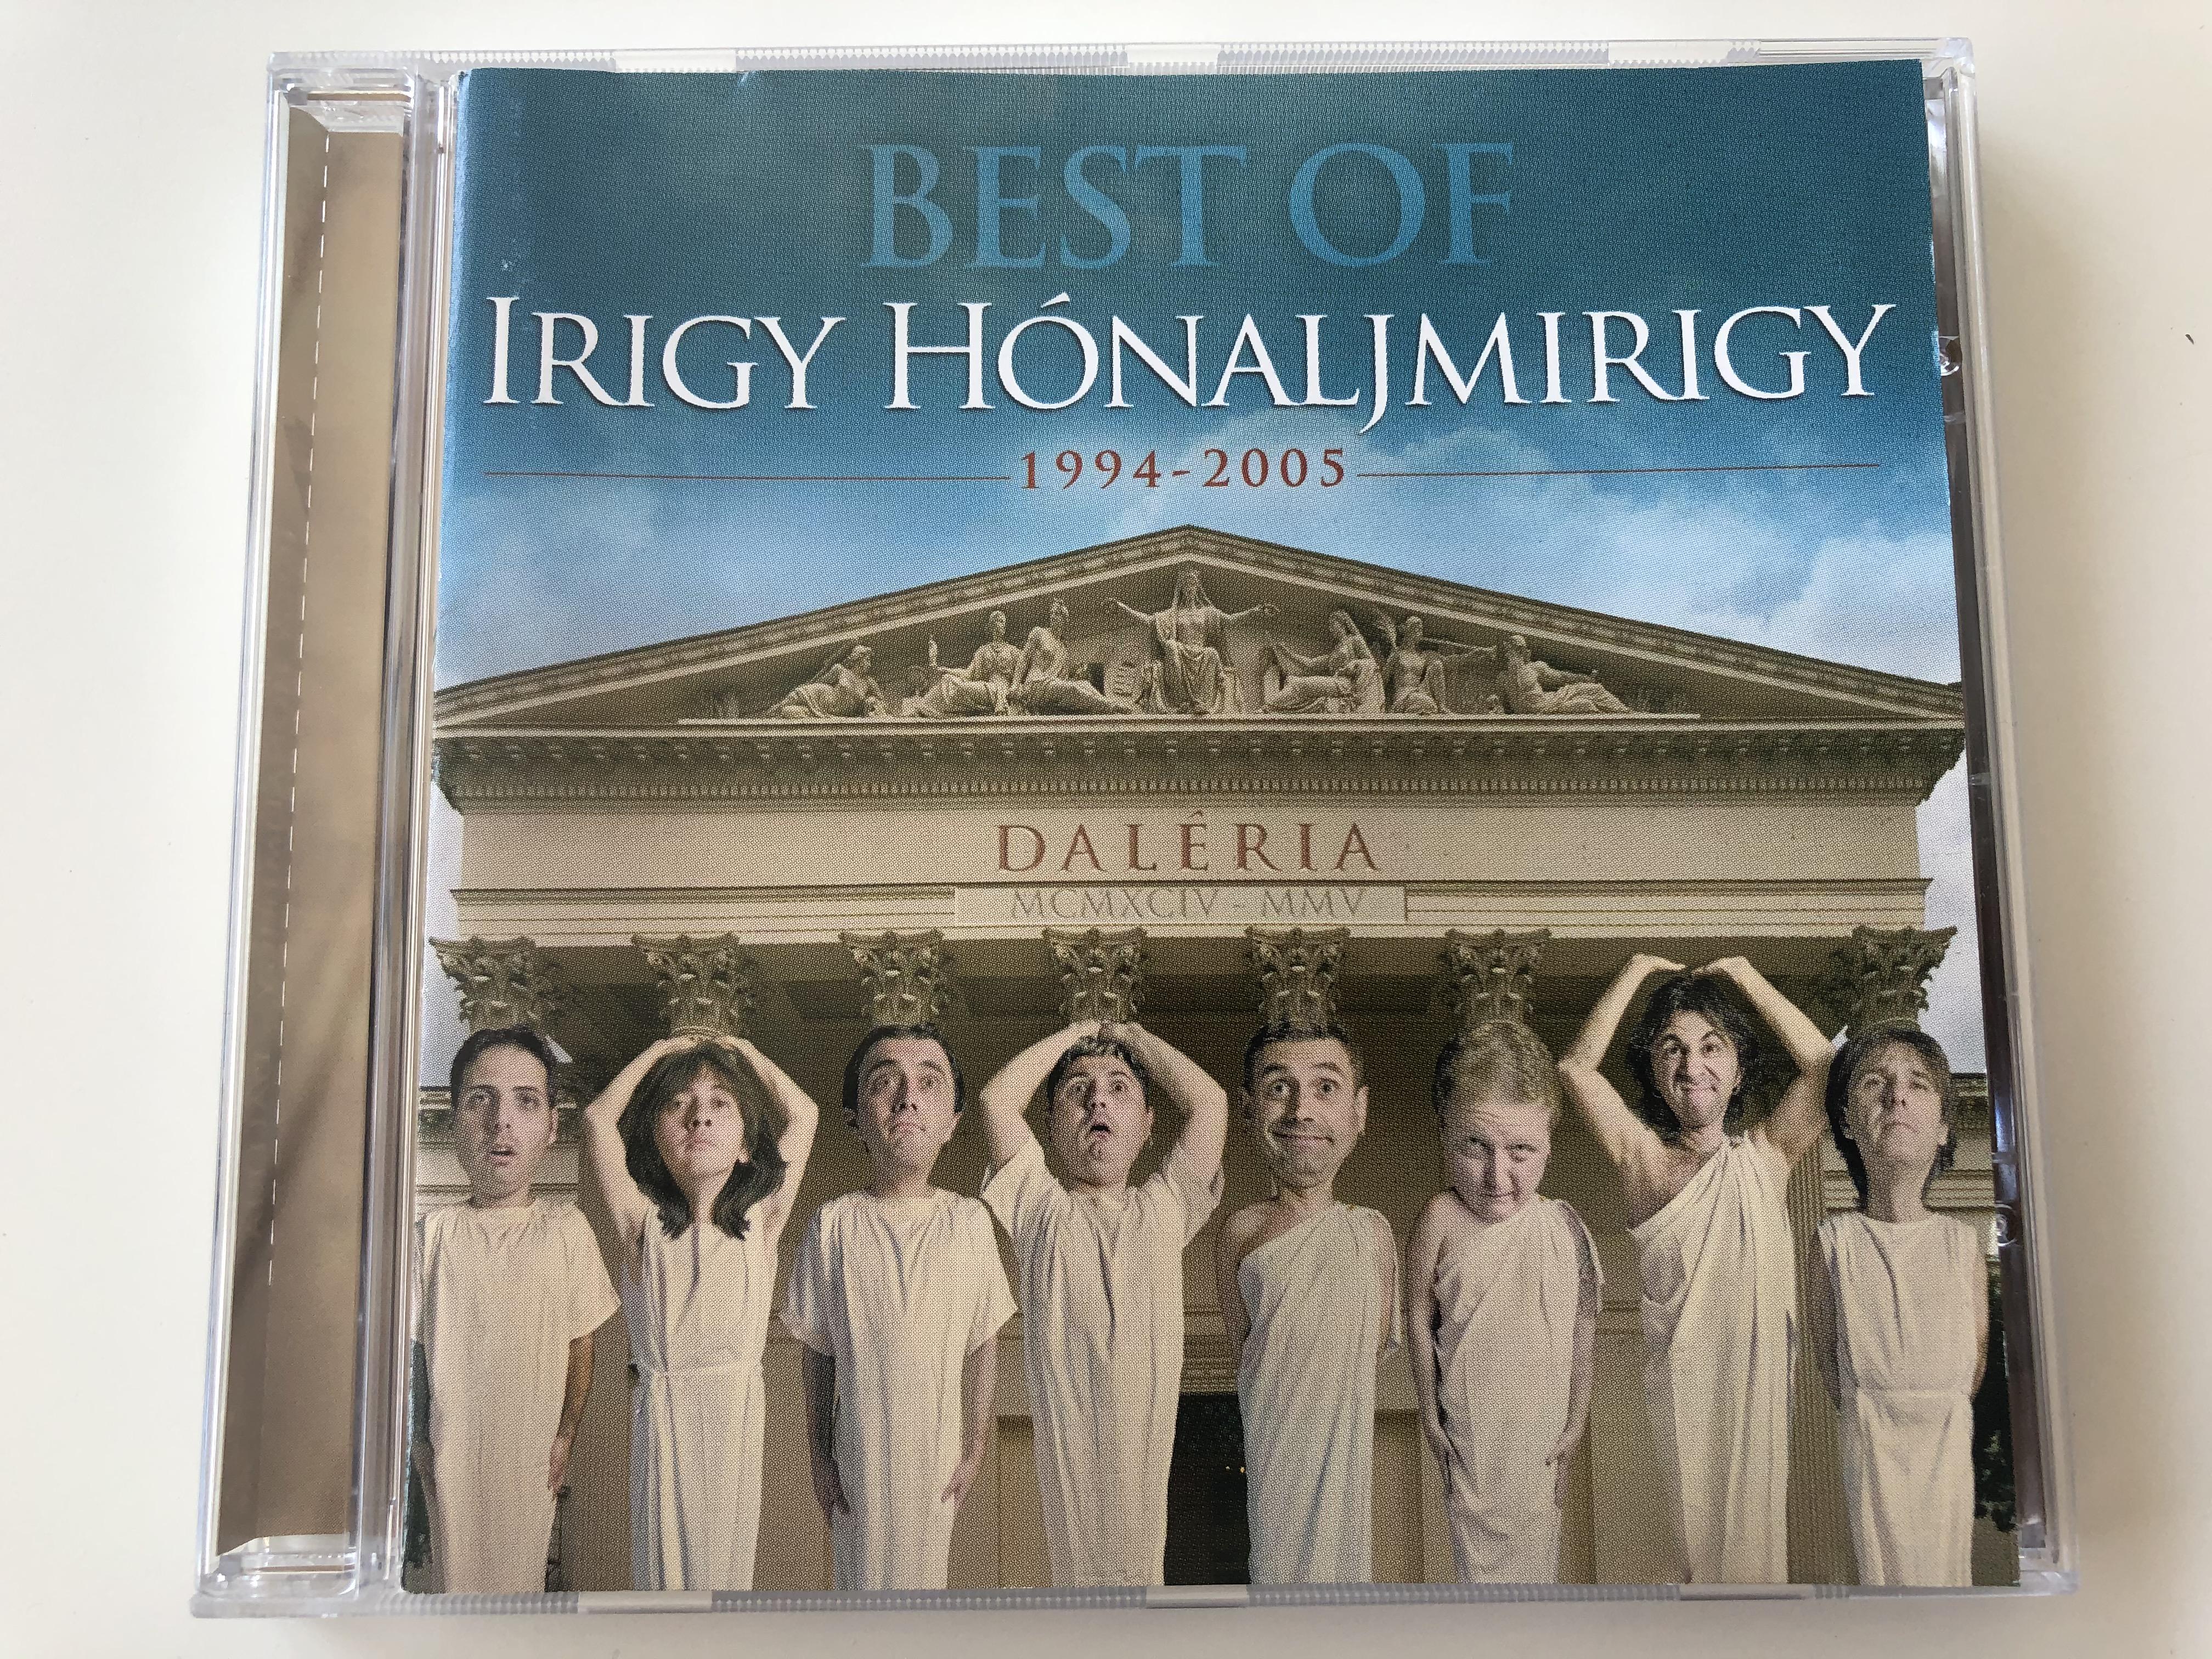 best-of-irigy-h-naljmirigy-1994-2005-dal-ria-universal-music-kft.-audio-cd-2005-983-326-0-1-.jpg